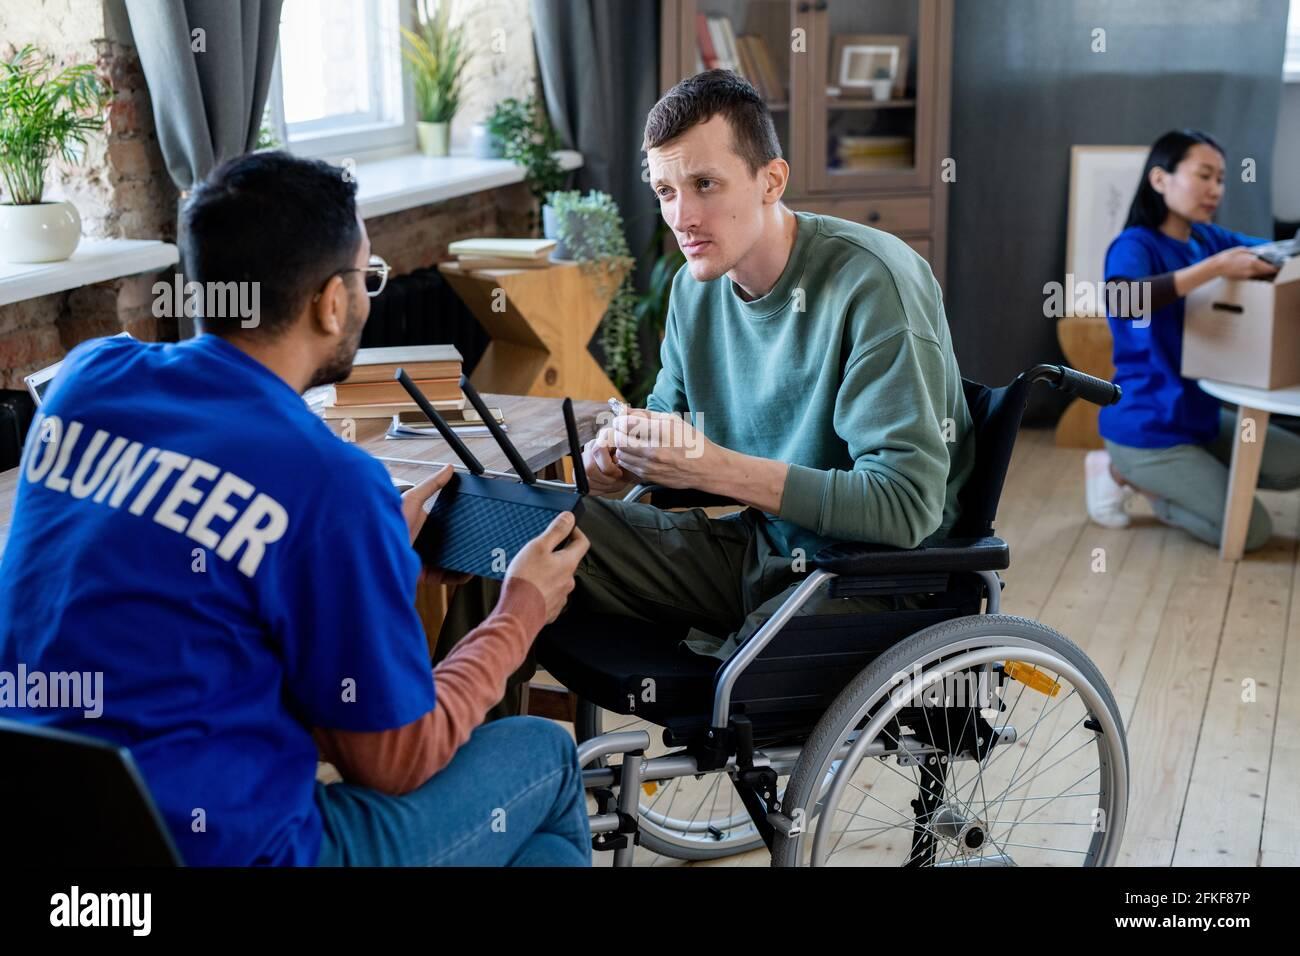 Deux jeunes hommes parlent pendant que l'un d'eux est assis fauteuil roulant Banque D'Images